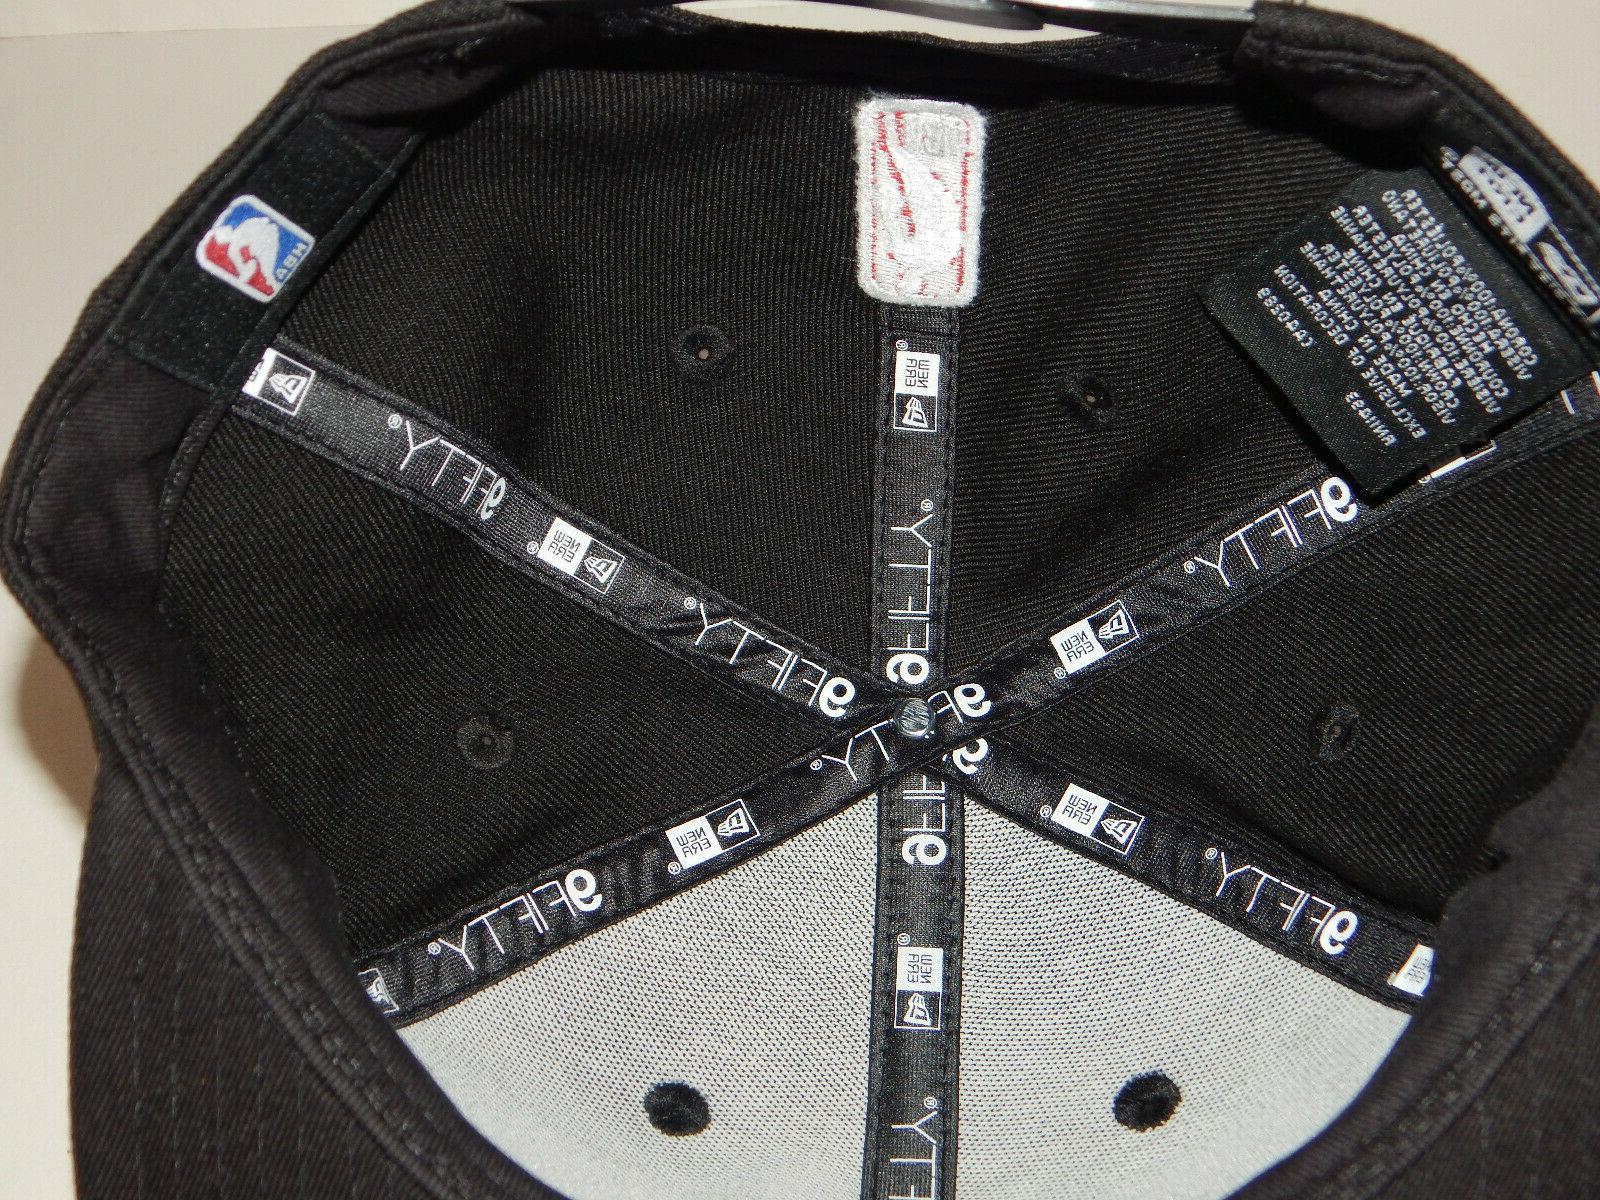 New Era 9Fifty Hat / Flatbill Skin Bill